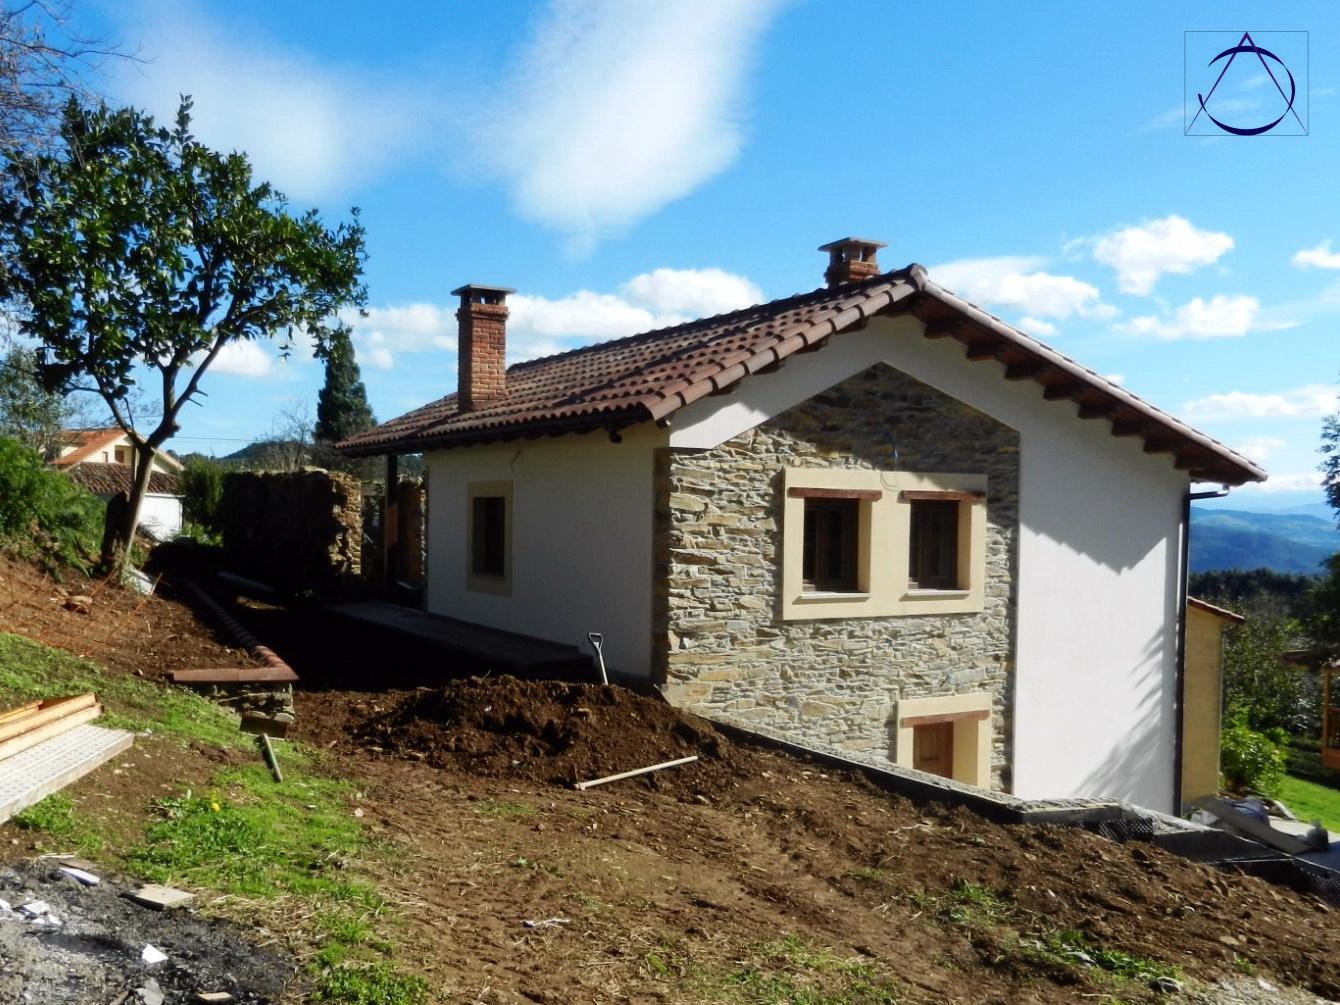 Ac arquitectos casa de madera y piedra en asturias - Casas piedra y madera ...